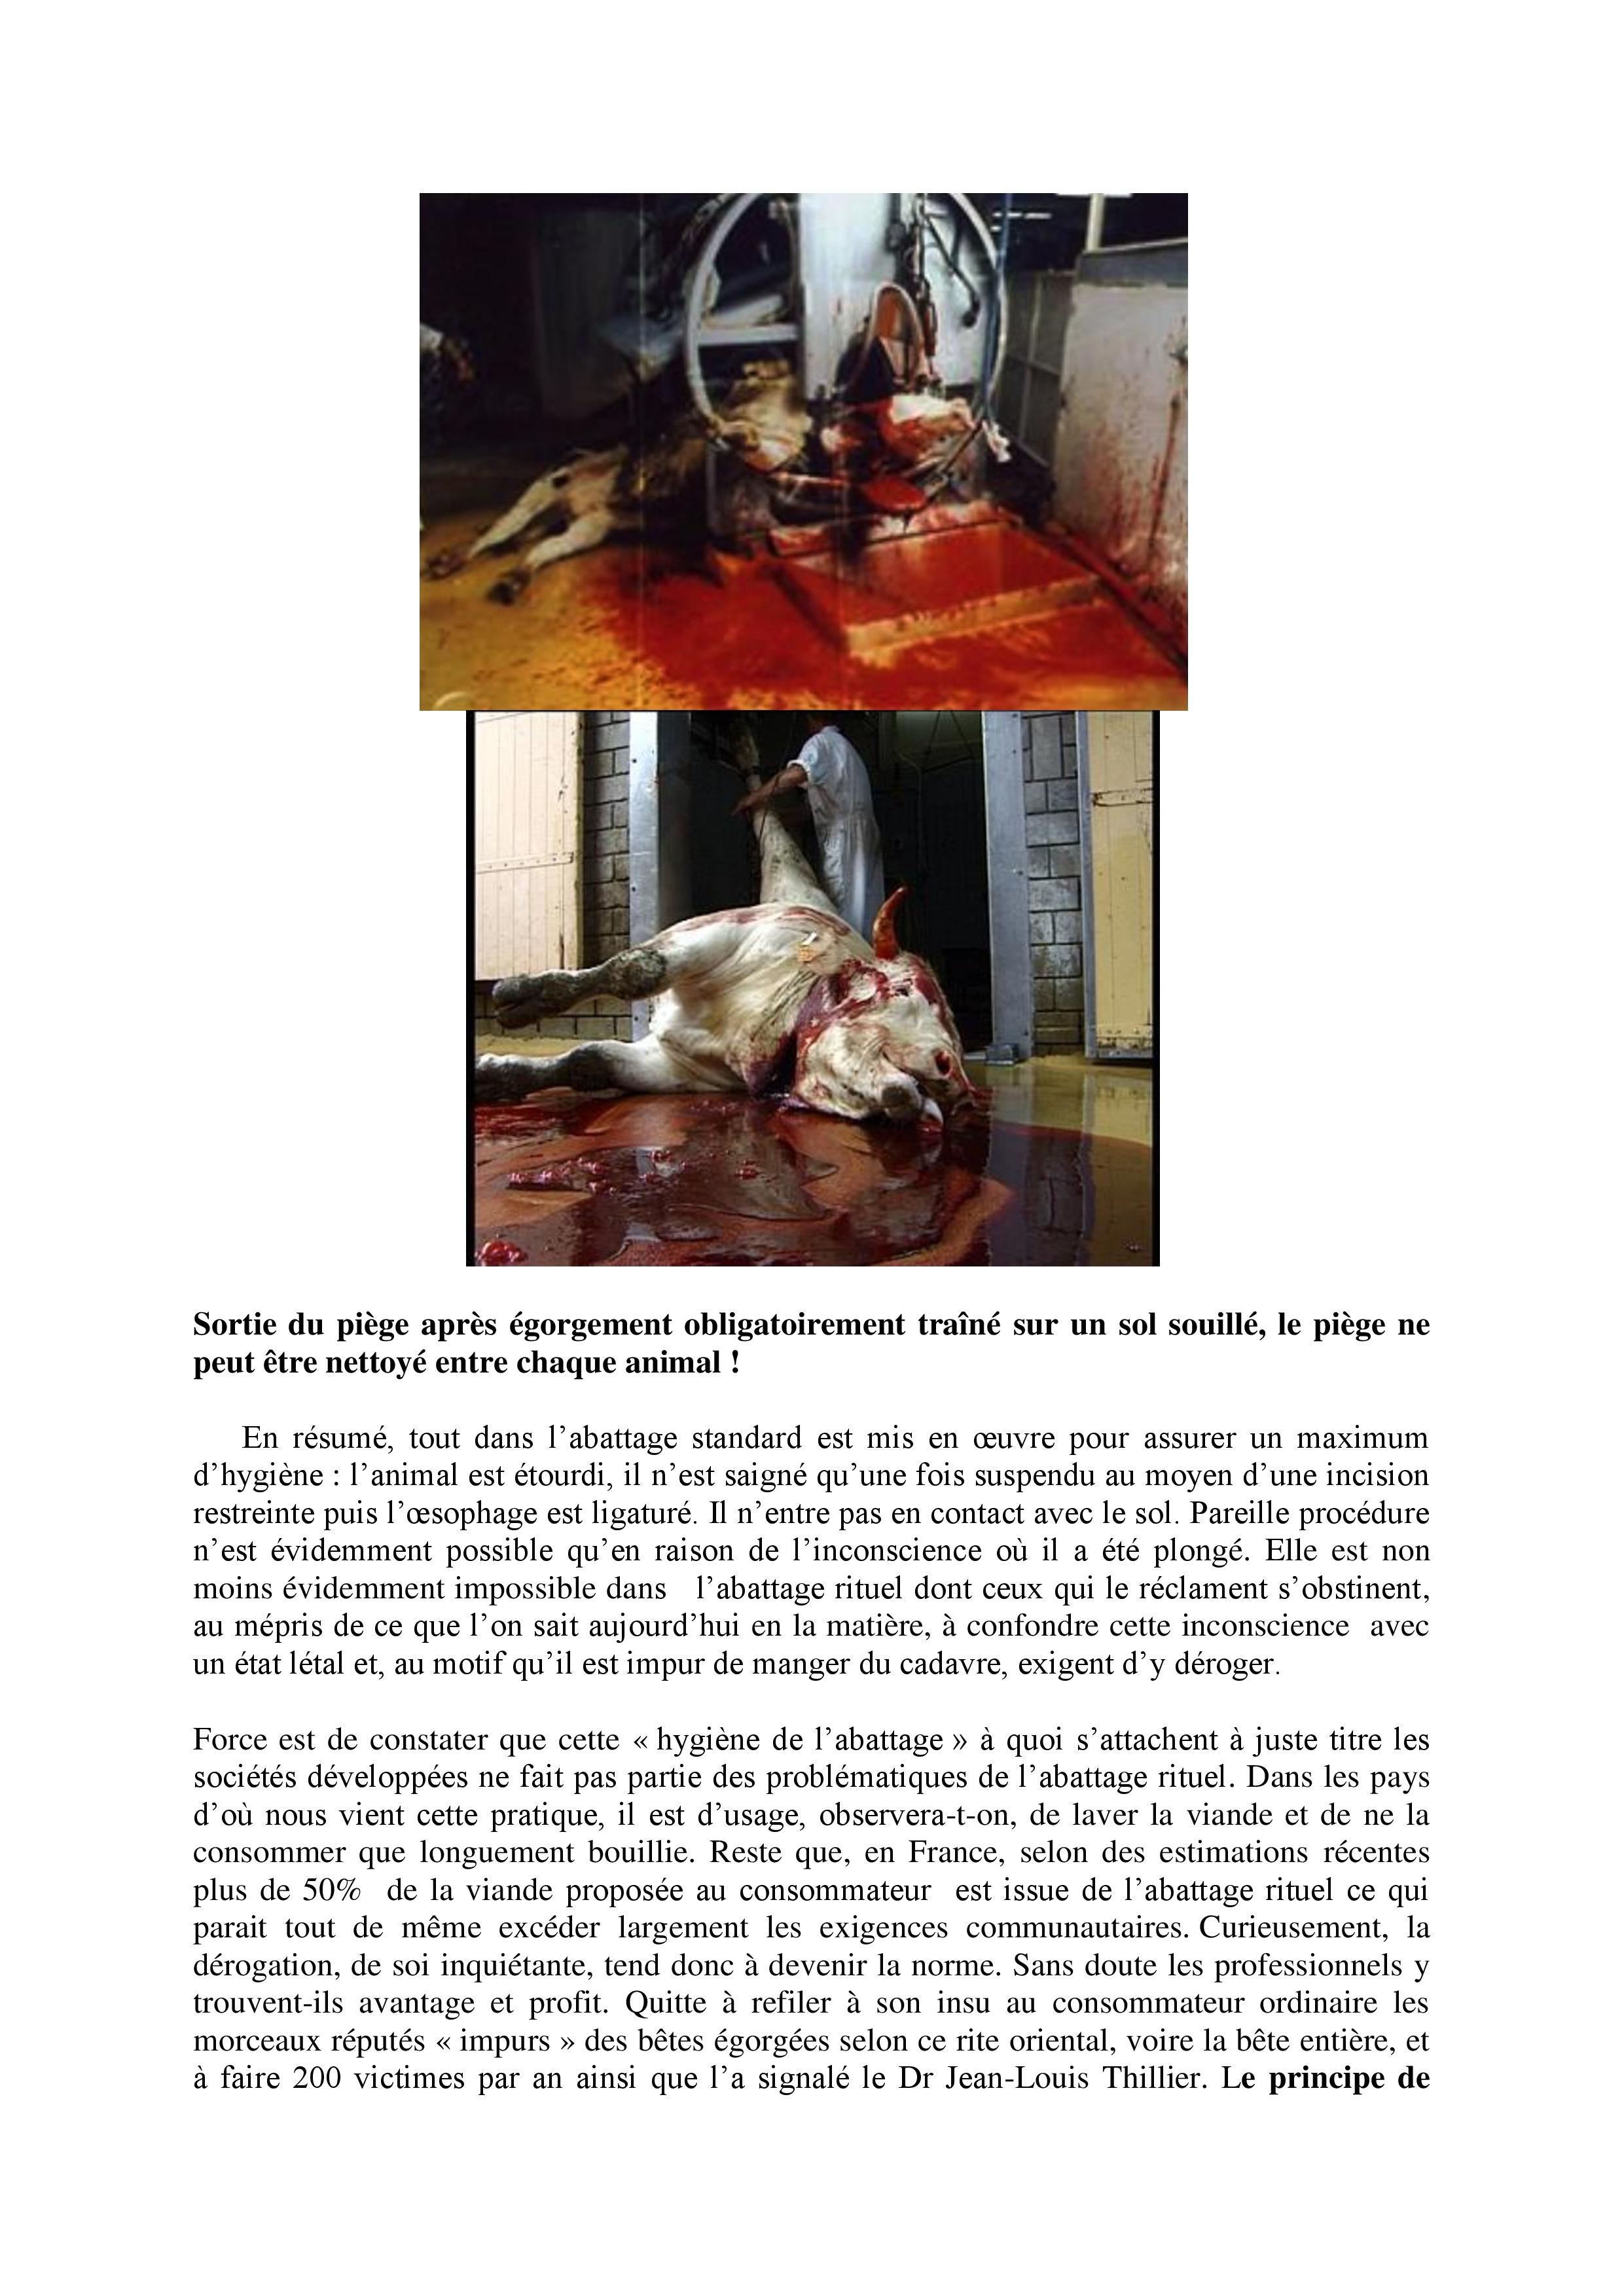 Les-risques-sanitaires-liés-à-labattage-halal-1-page-3